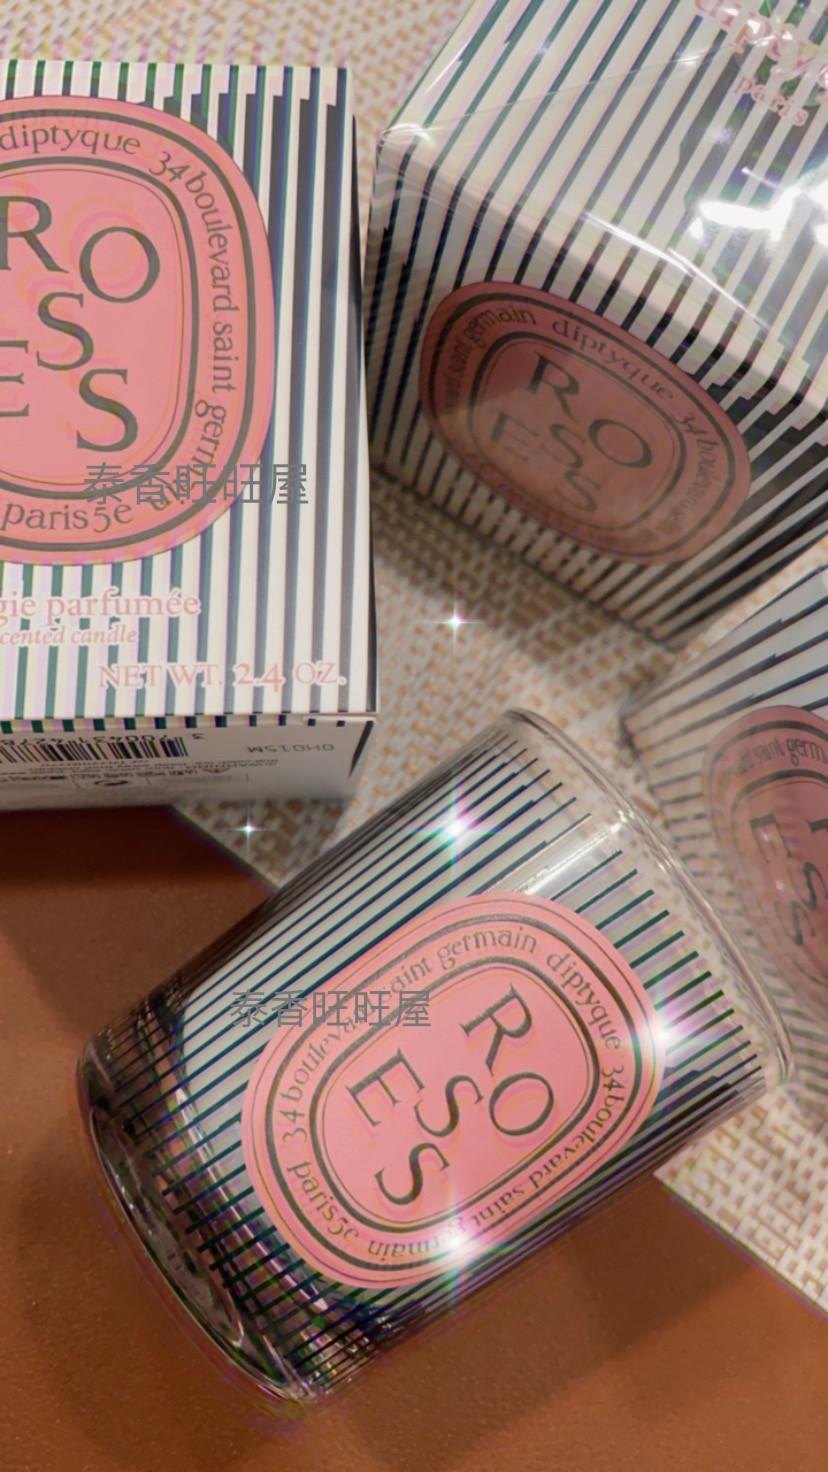 限量【Diptyque】60周年 限定包裝 2021 玫瑰 漿果 無花果 晚香玉 香氛蠟燭 蠟燭 居家香氛 裝飾品 收藏